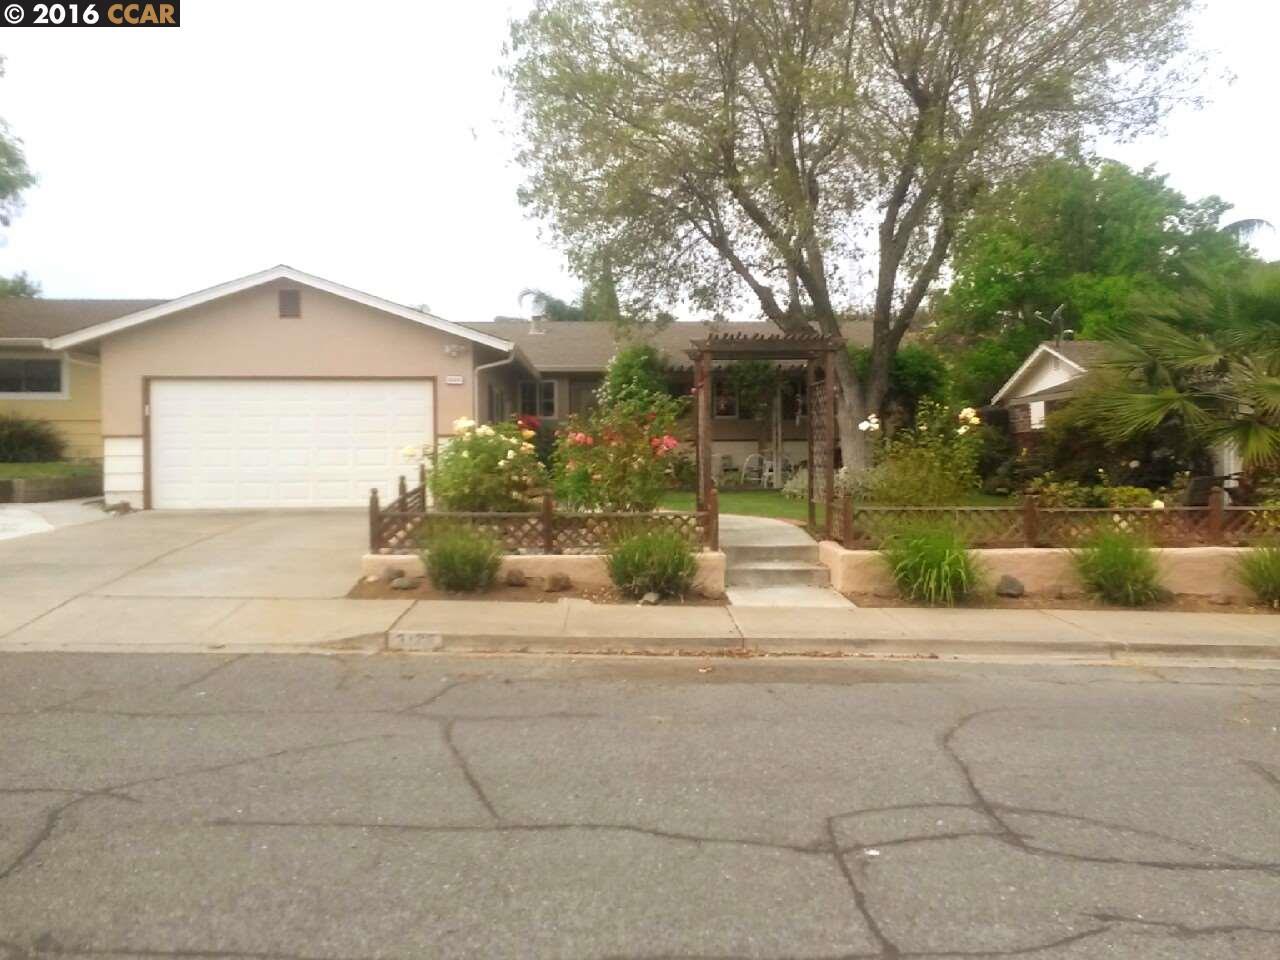 3125 Milner Rd, Antioch, CA